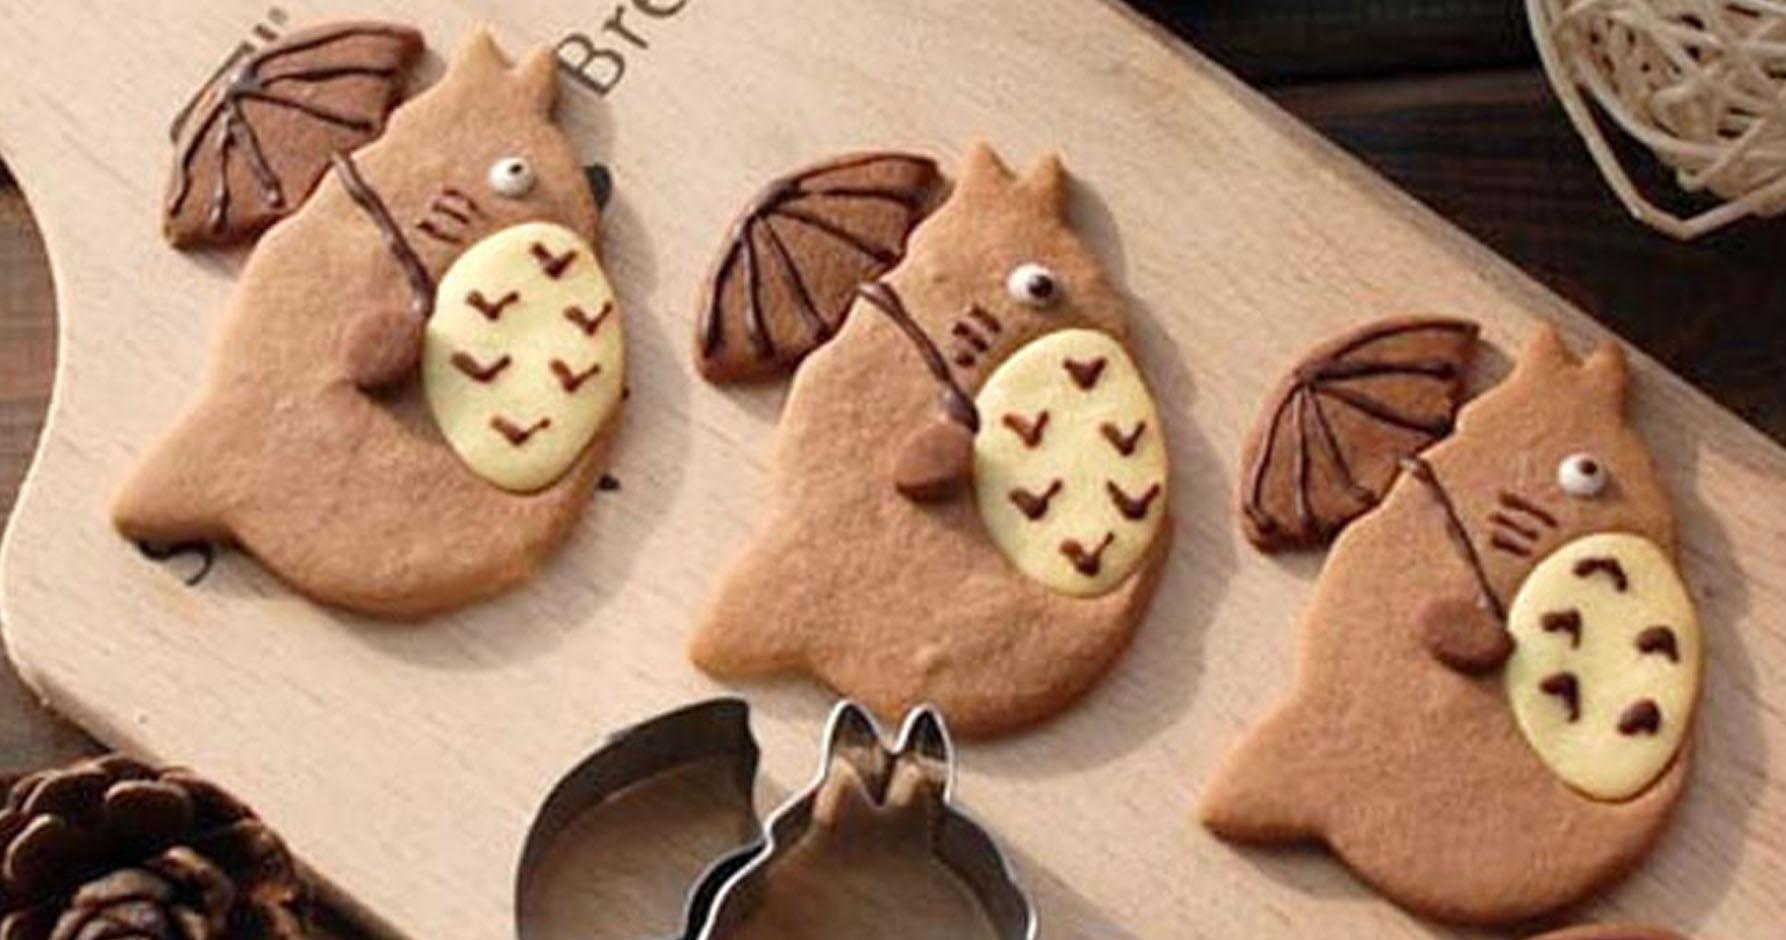 My Neighbor Totoro Cookie Cutter Shut Up And Take My Yen